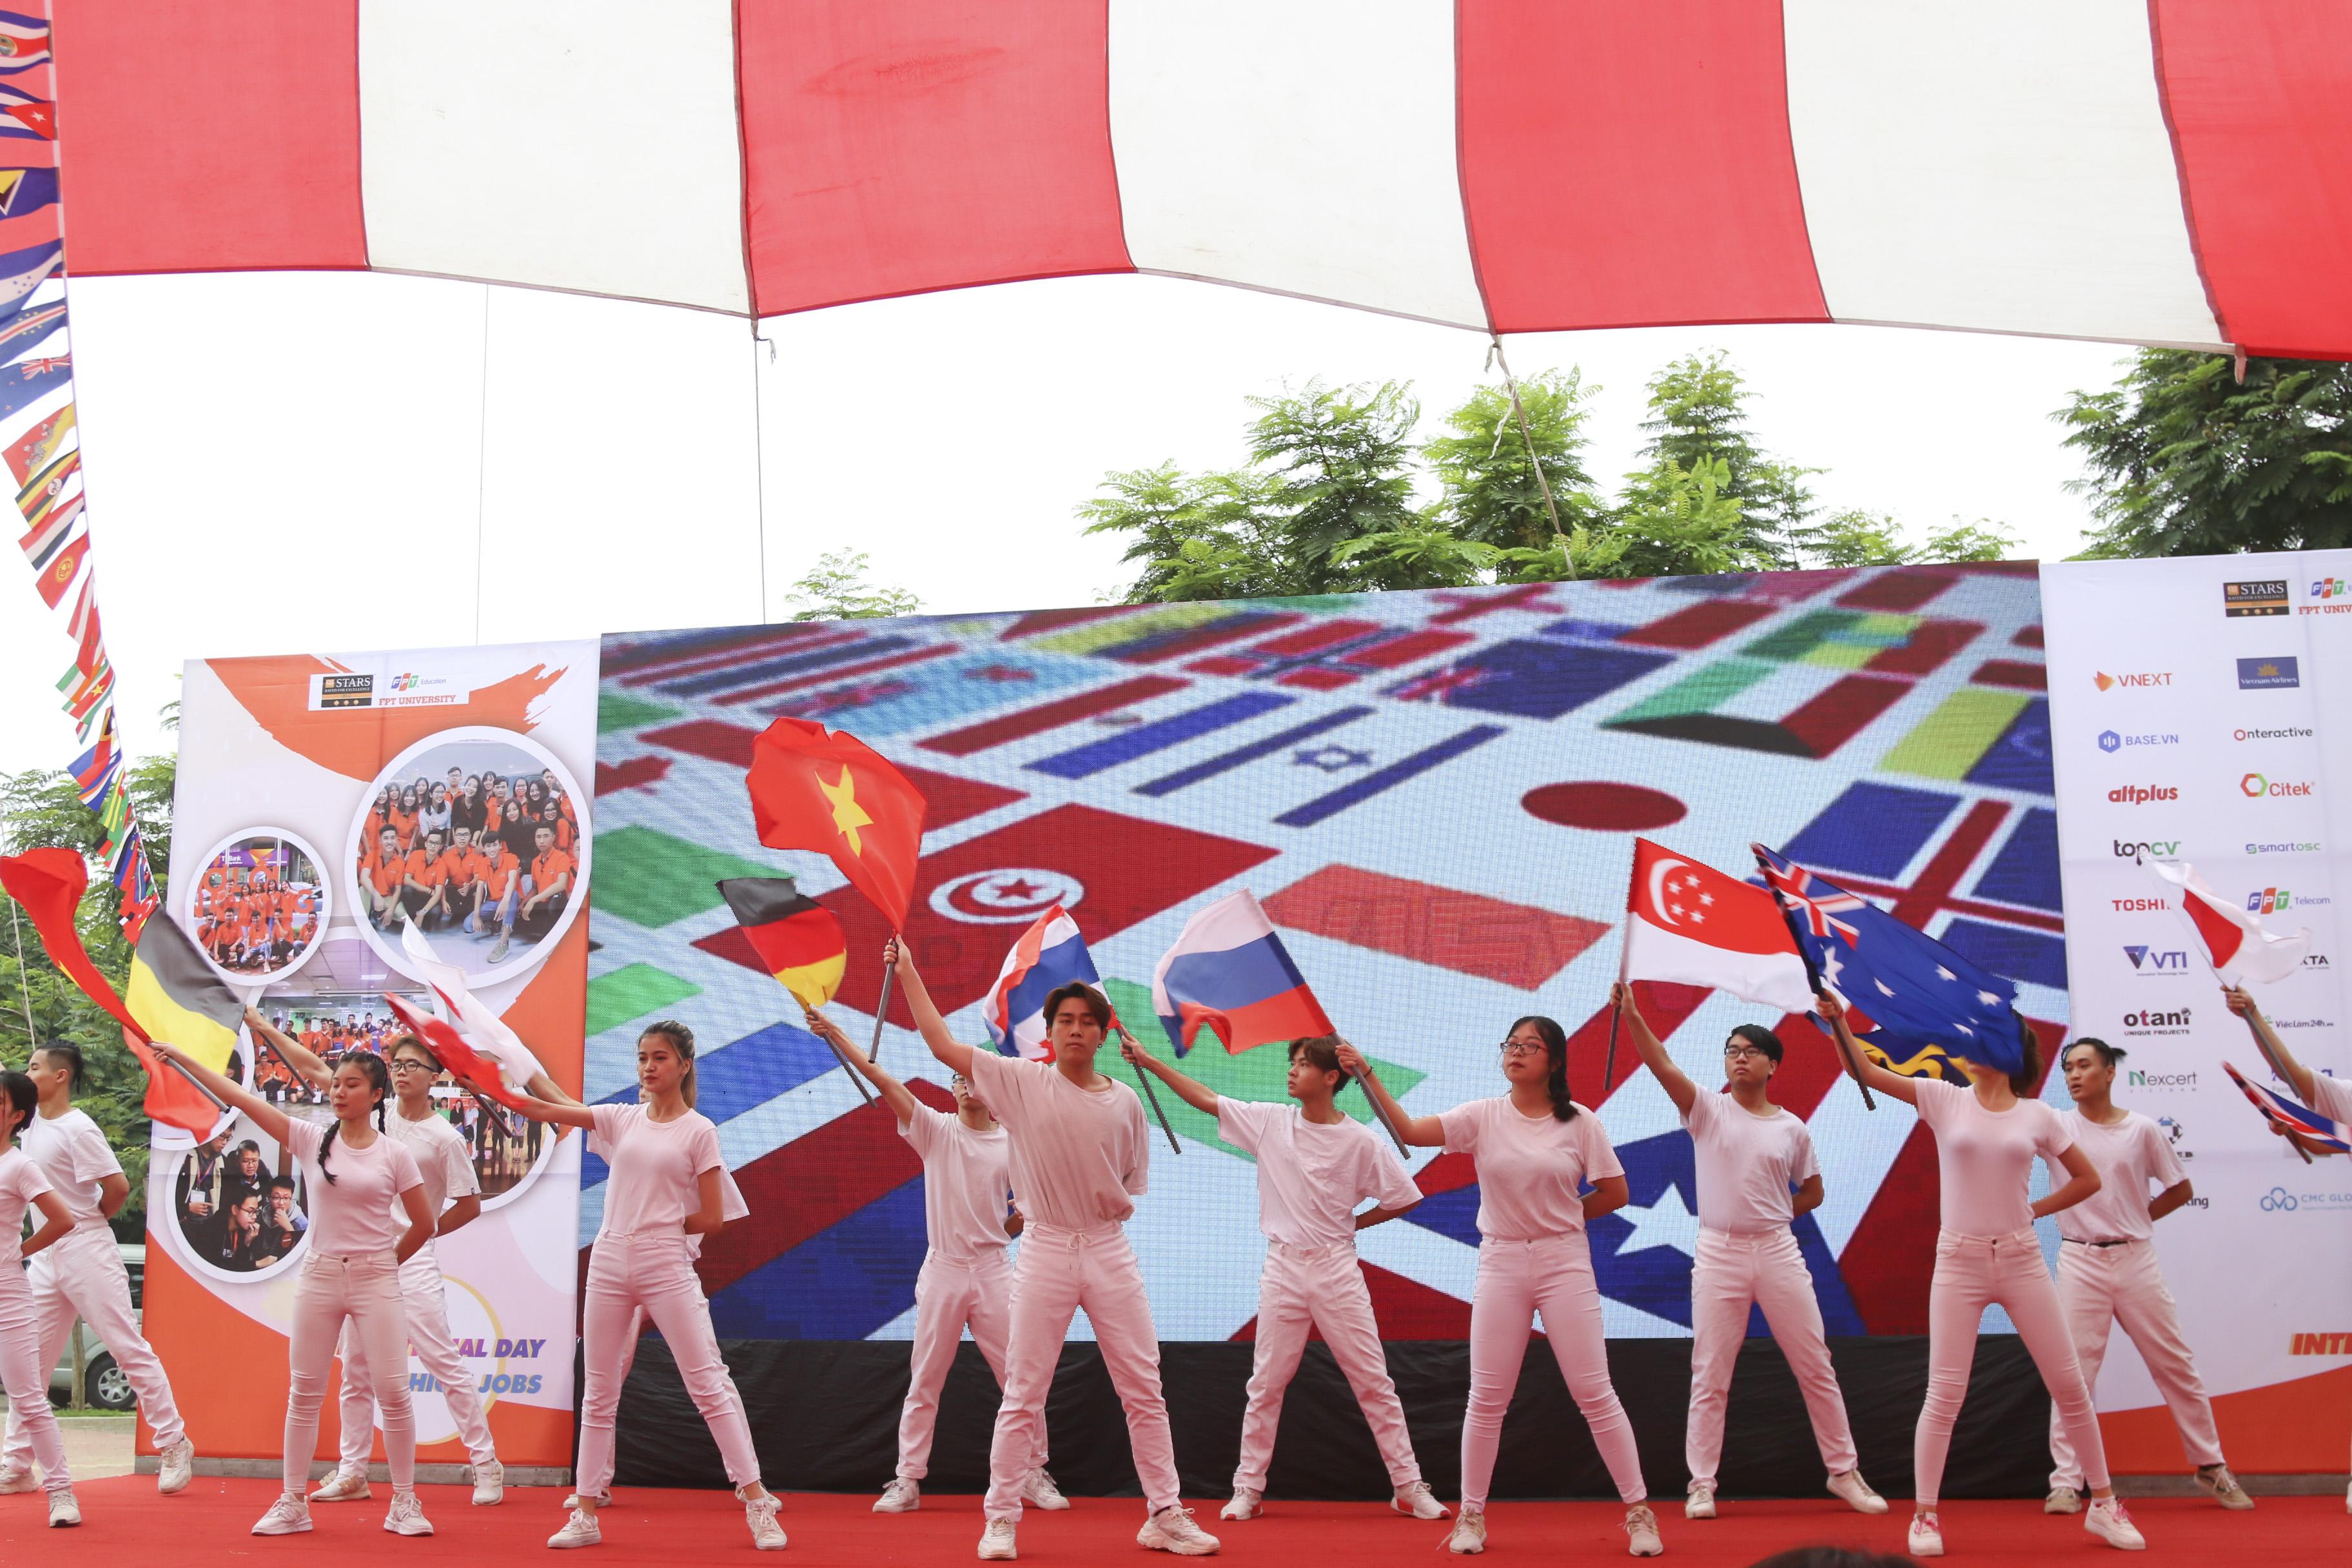 """Với tên gọi """"International Day - Fly high jobs"""", chương trình mang đến một tiết mục đậm chất """"toàn cầu"""" khi đưa rất nhiều lá quốc kỳ của các quốc gia trên thế giới lên sân khấu."""